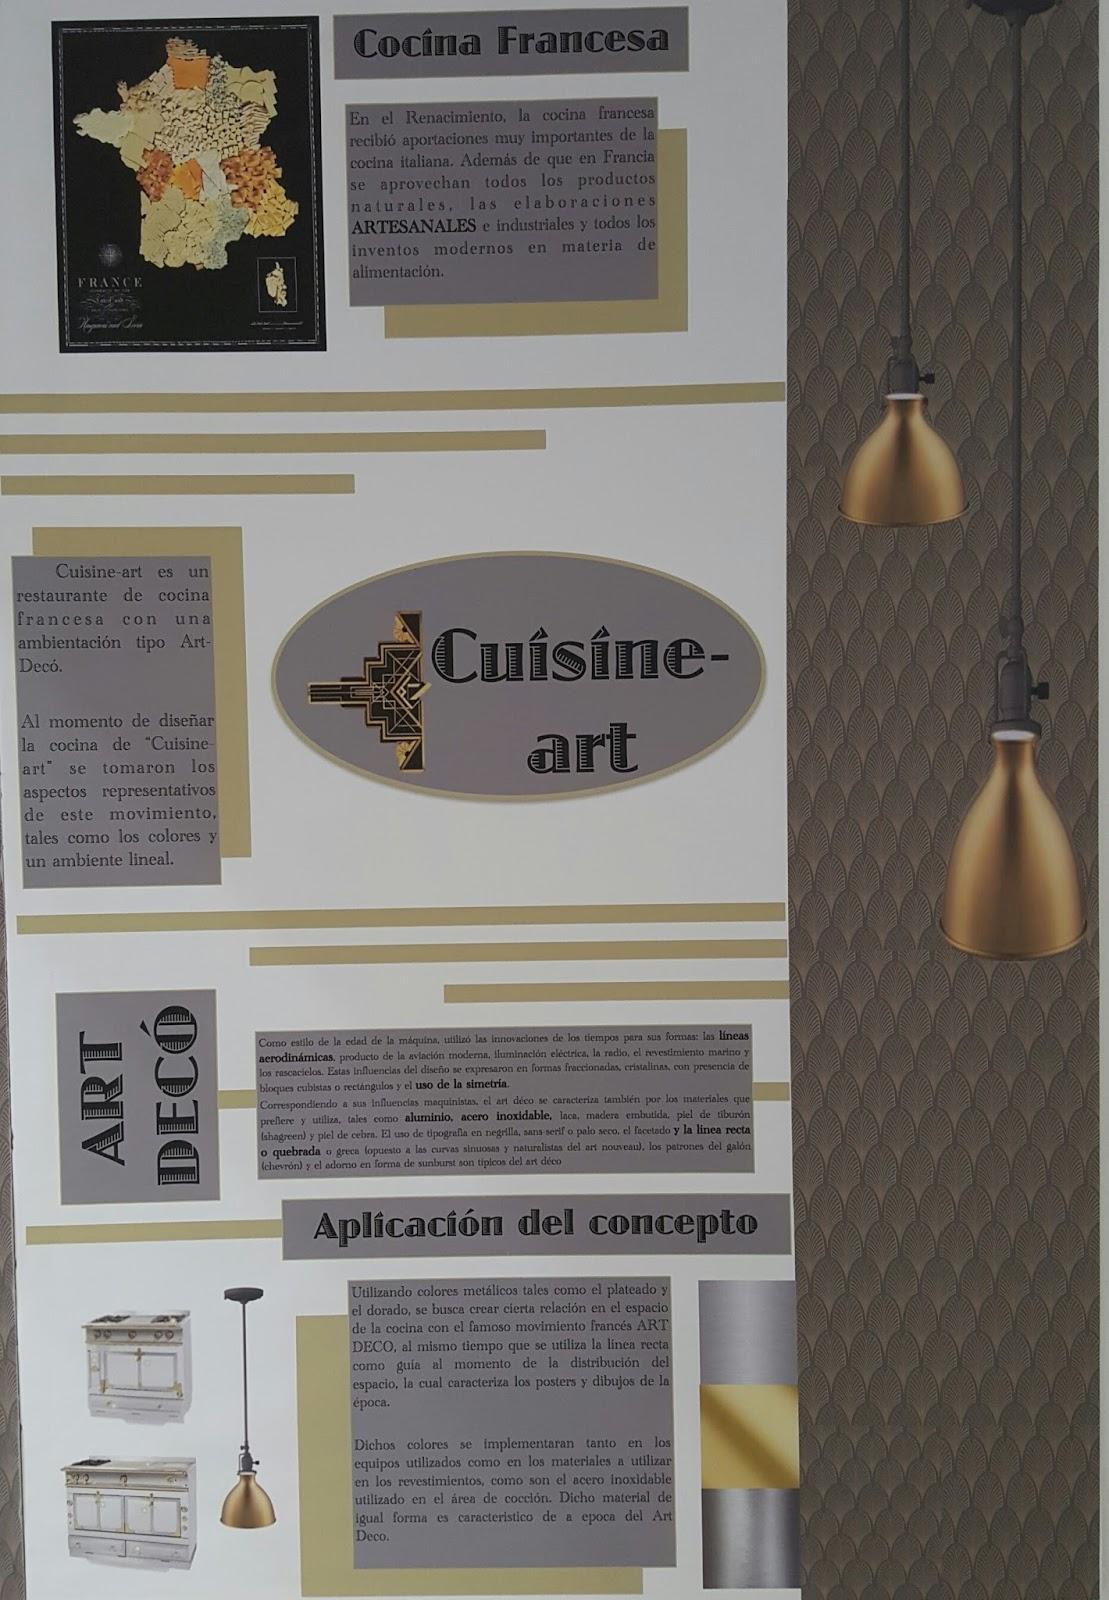 Dise o de restaurantes paneles cocina francesa pamela for Diseno de cocina francesa